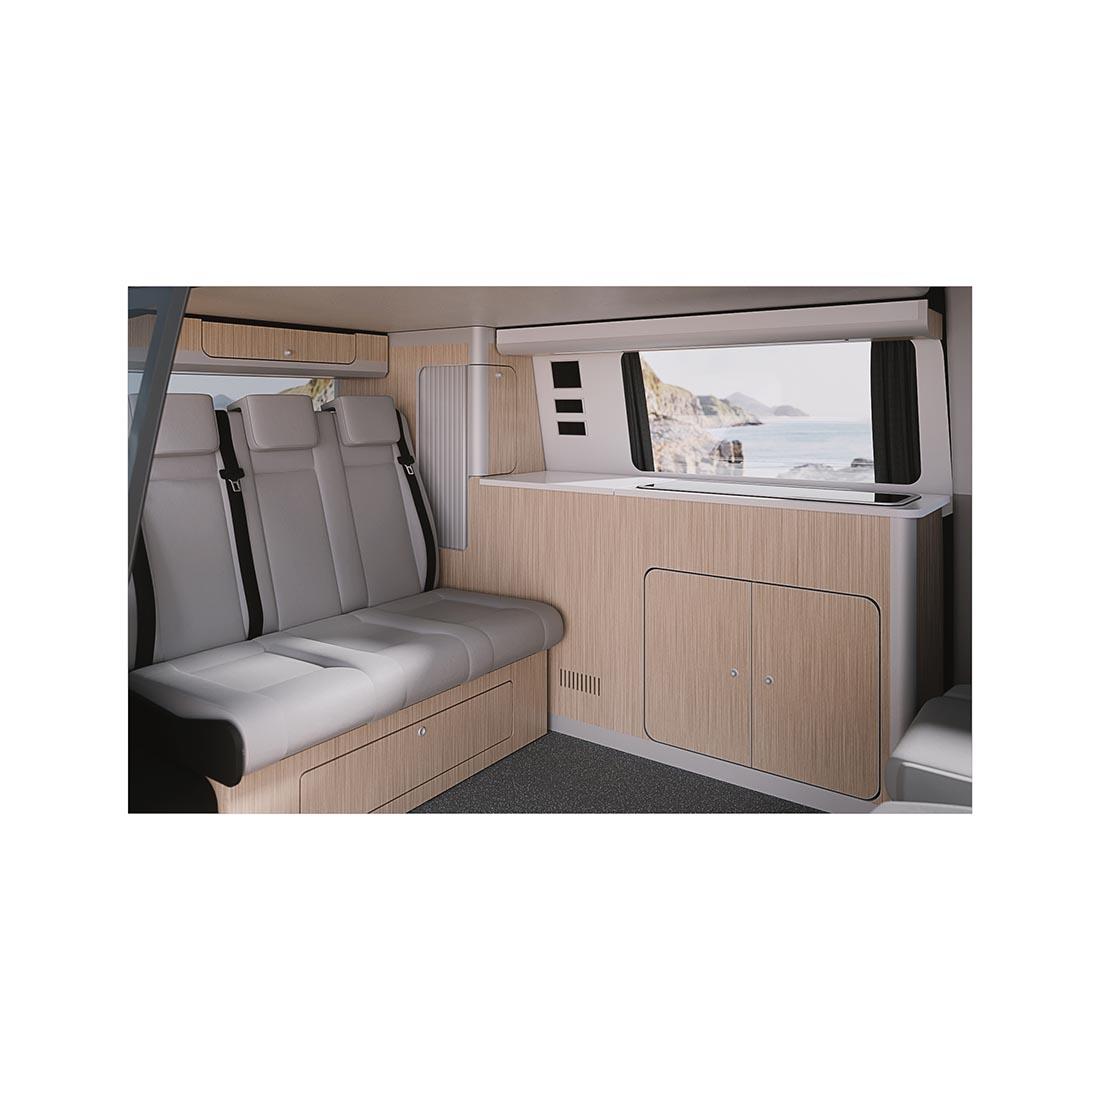 installed vw complete vw camper conversion furniture kit.